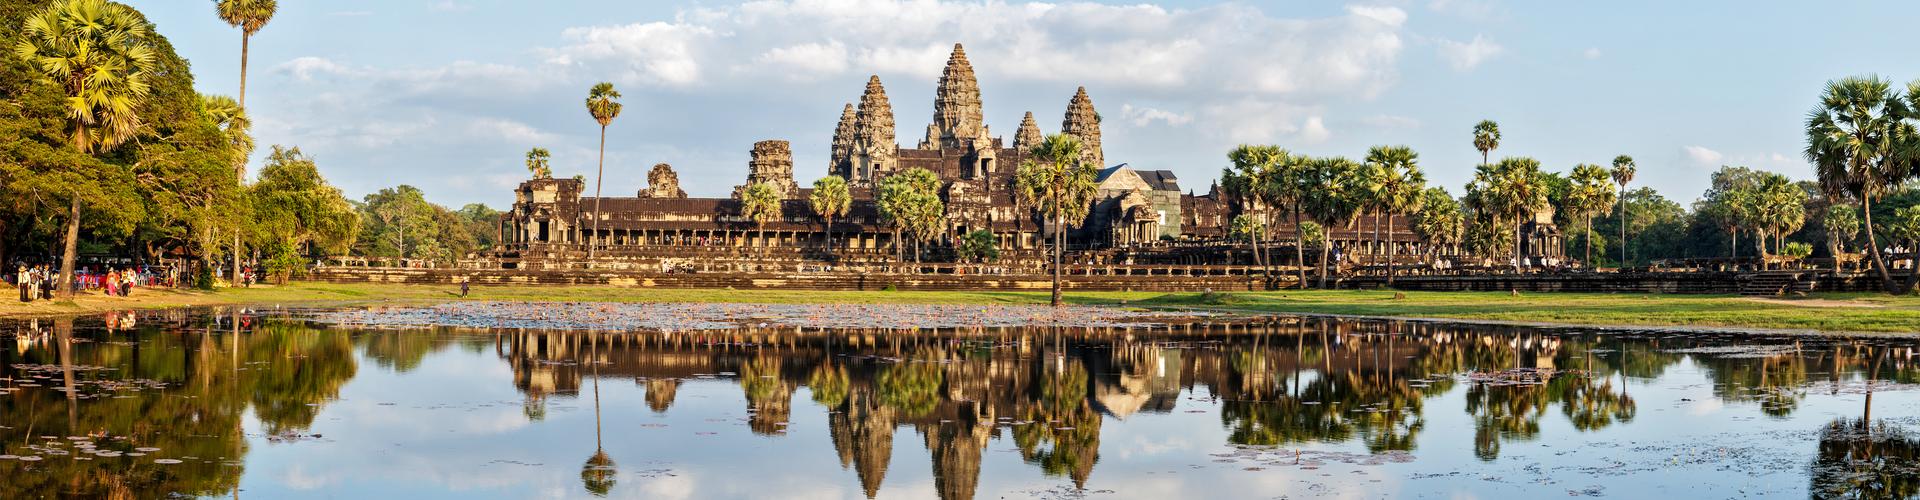 Cambodia - Temples & Beaches